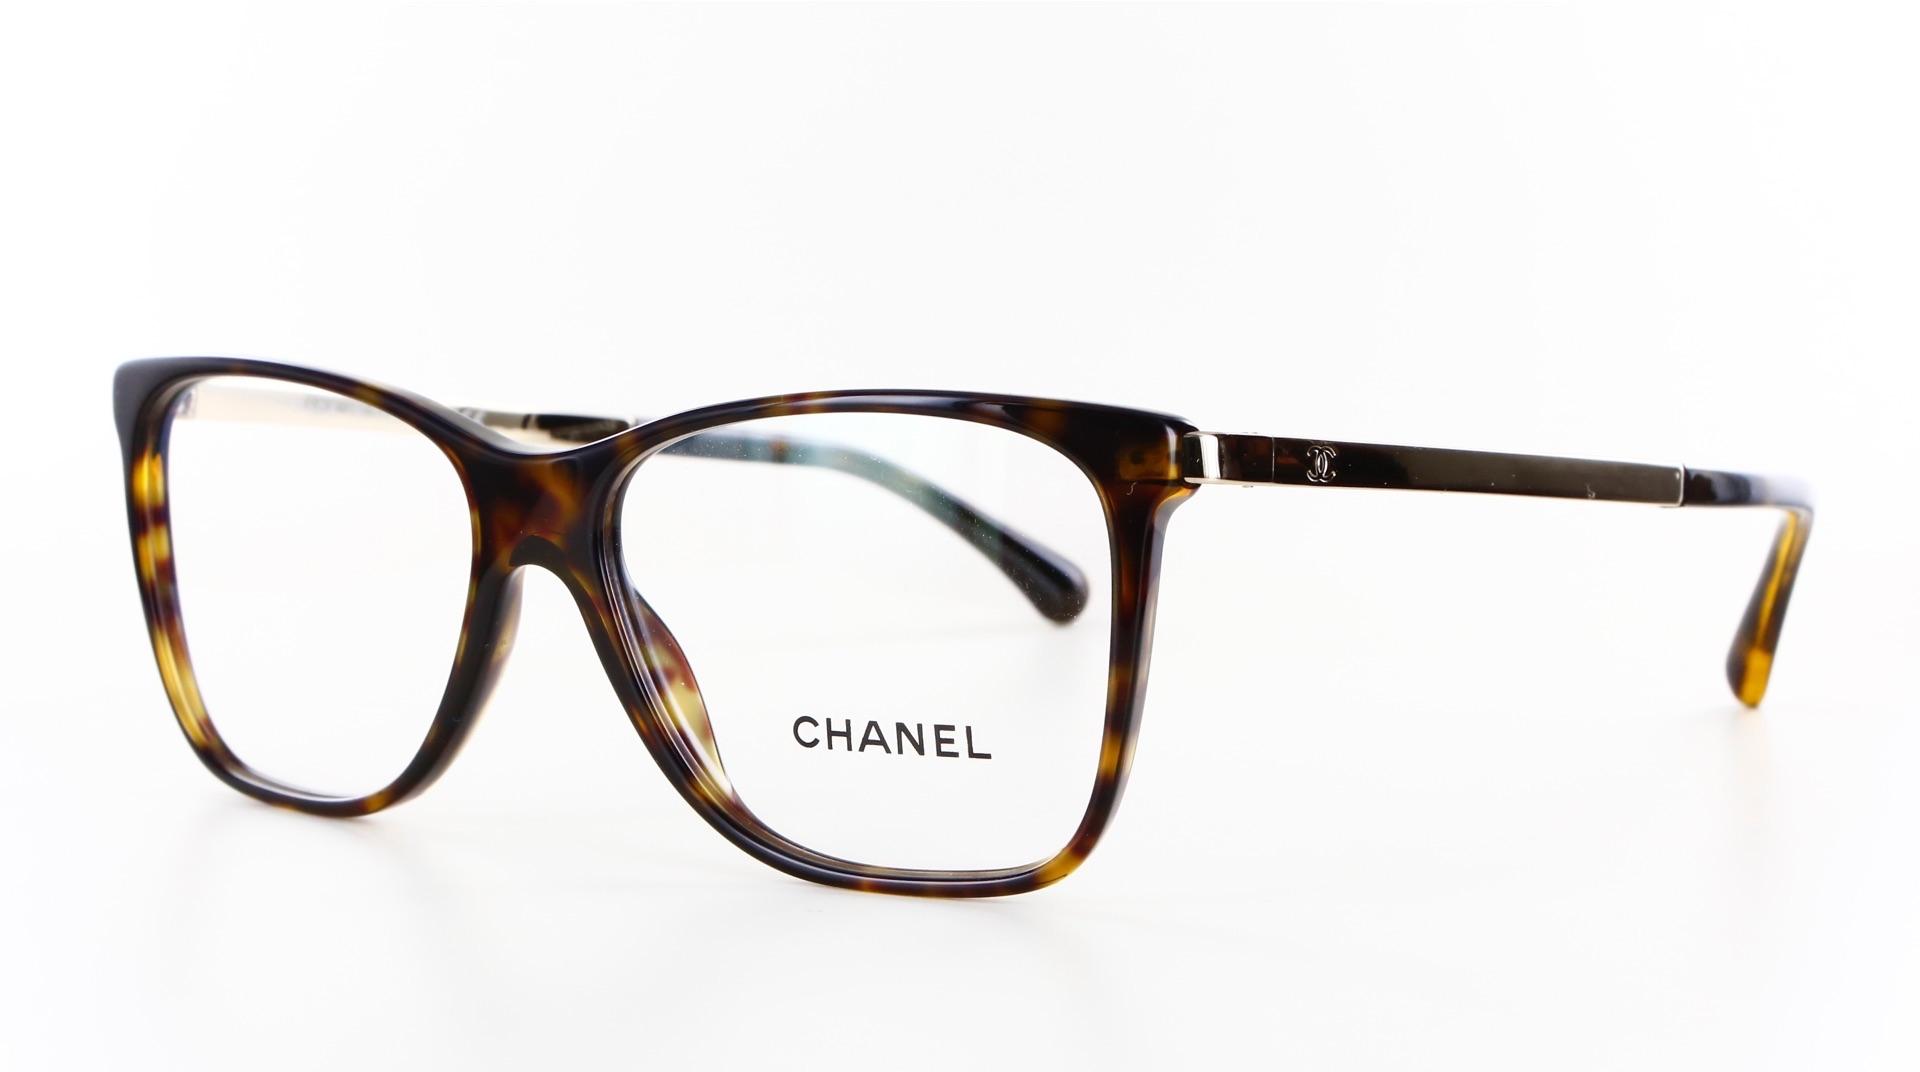 Chanel - ref: 78398